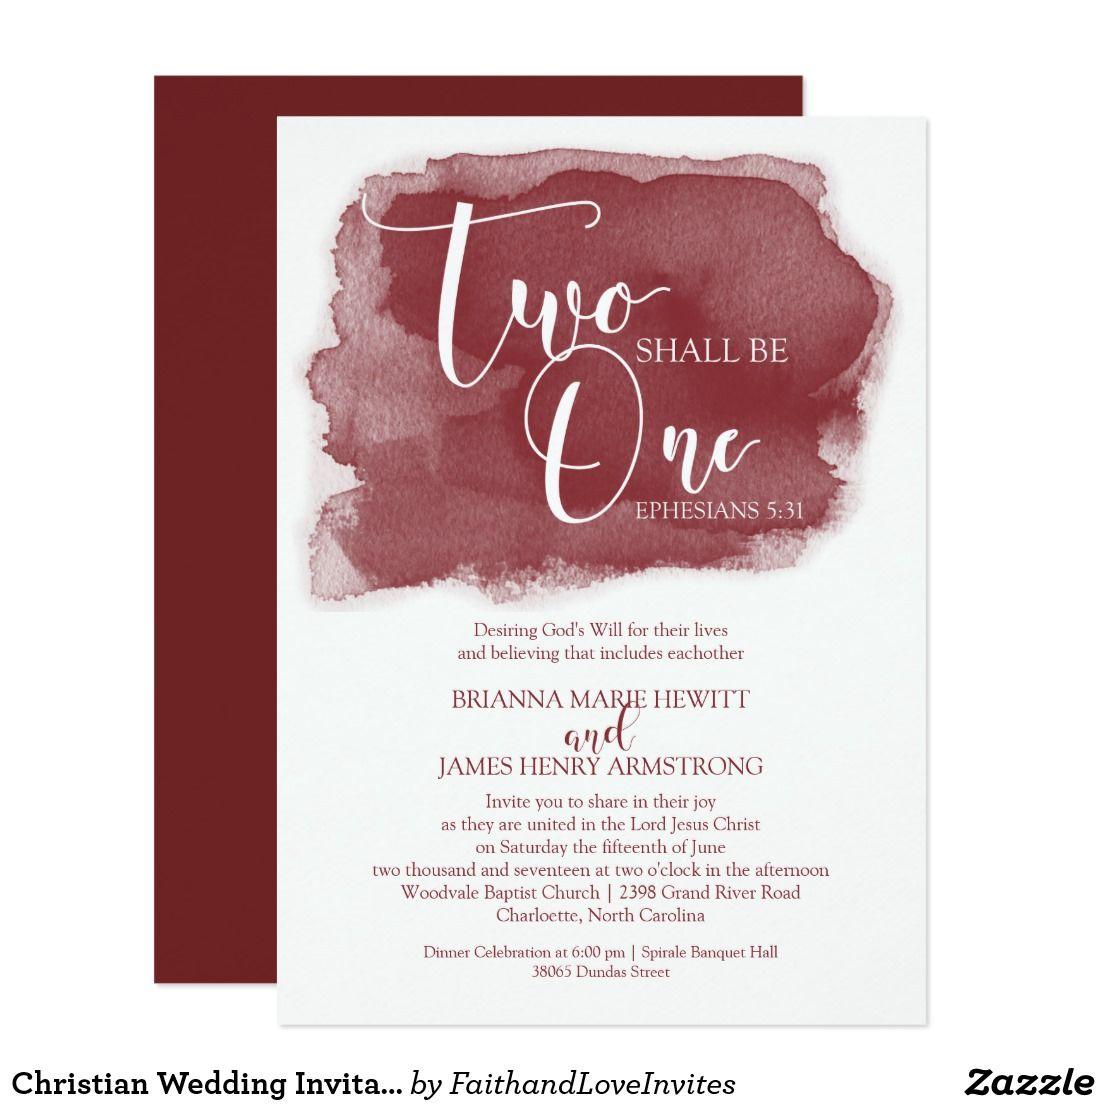 Christian Wedding Invitation Watercolor Marsala Zazzle